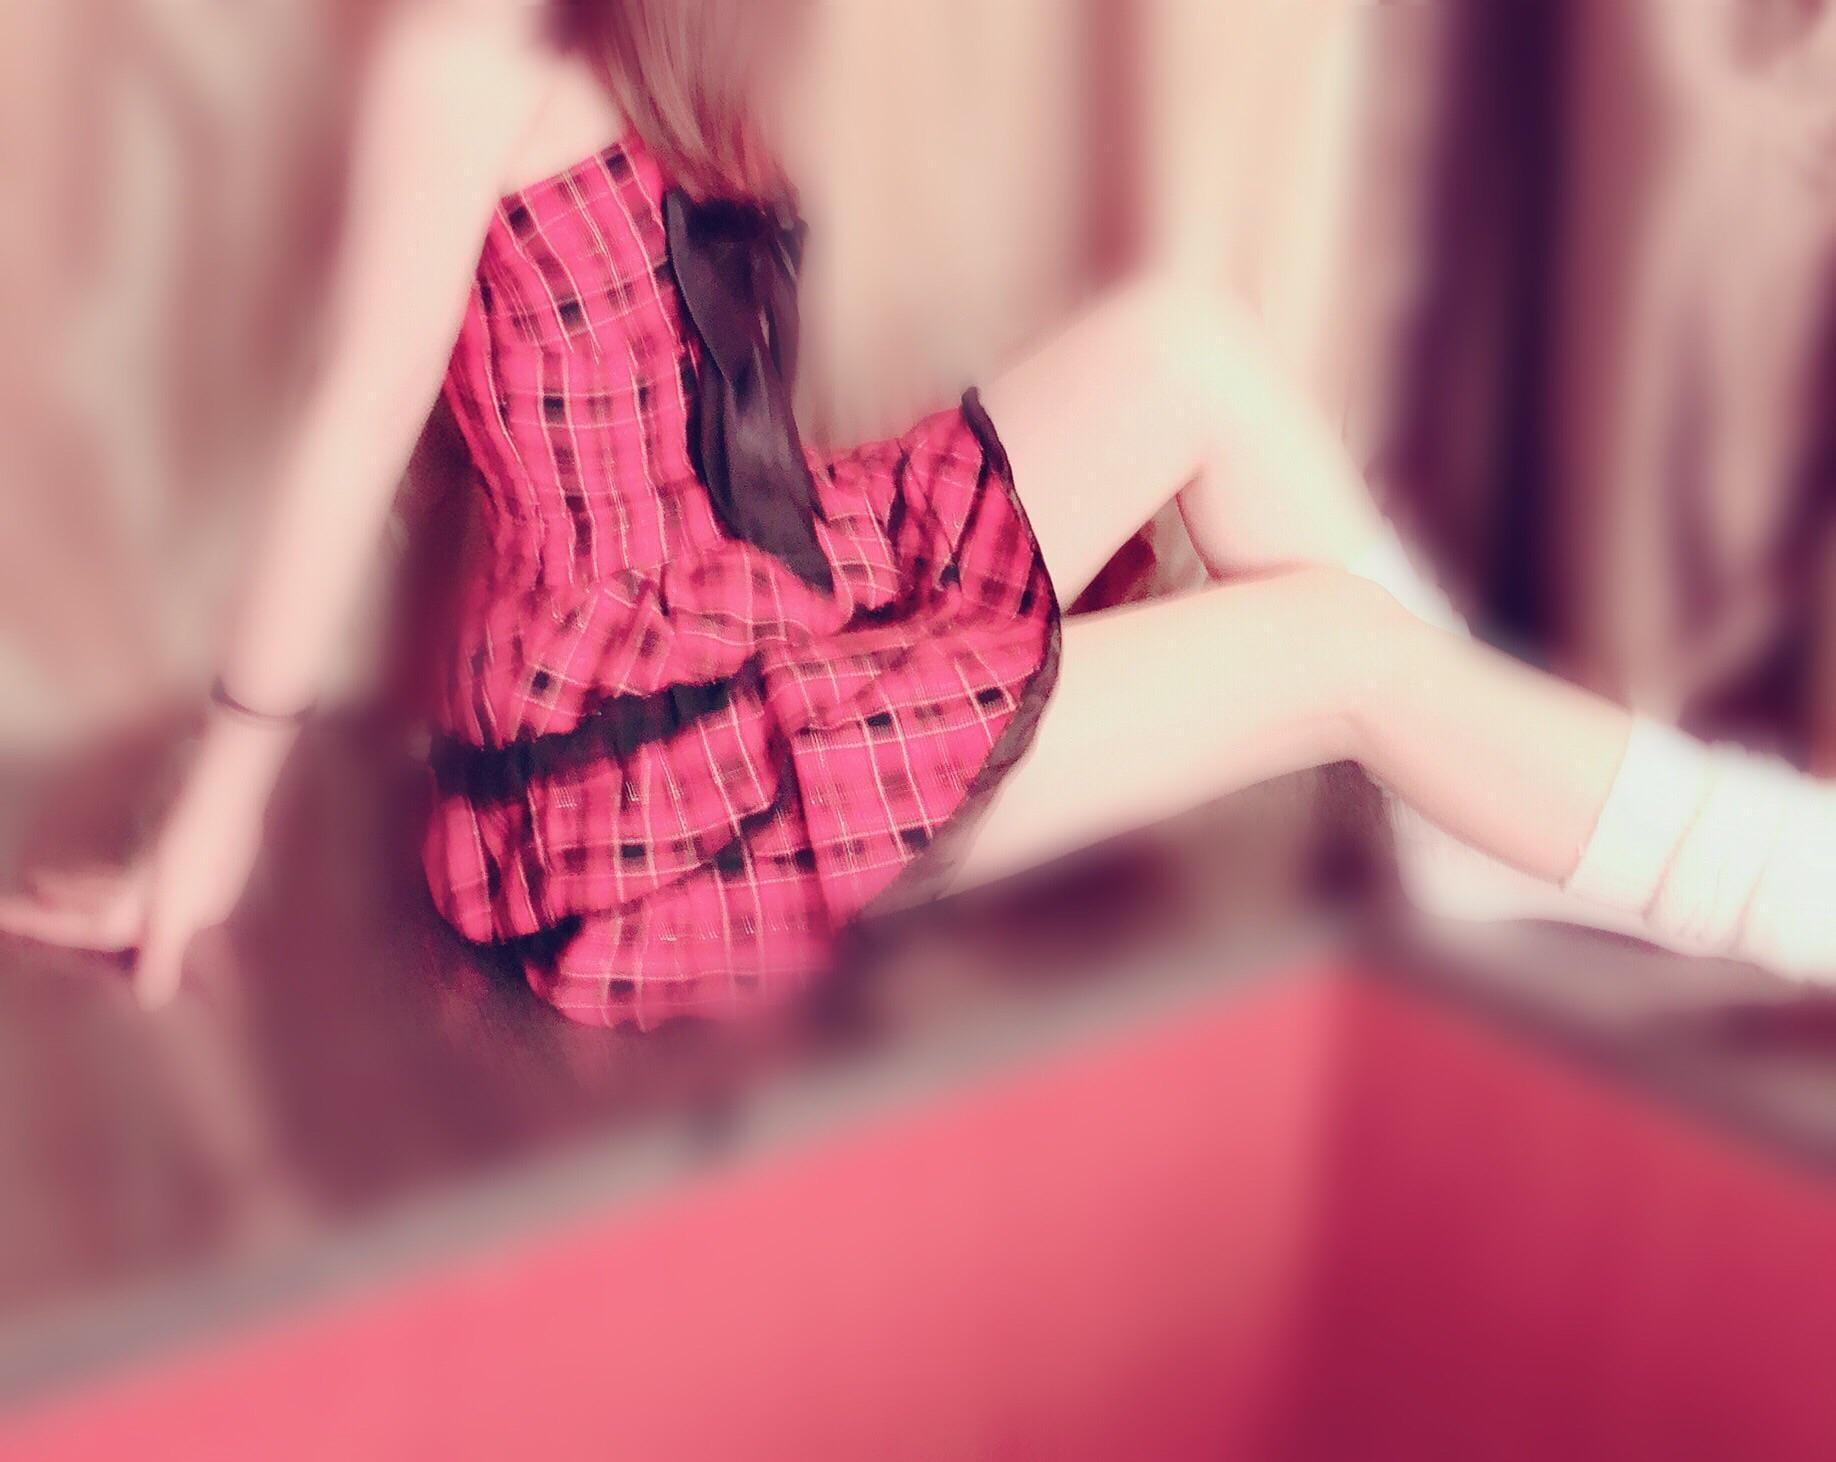 りんちゃん「りん出勤するときは」06/20(水) 20:09 | りんちゃんの写メ・風俗動画